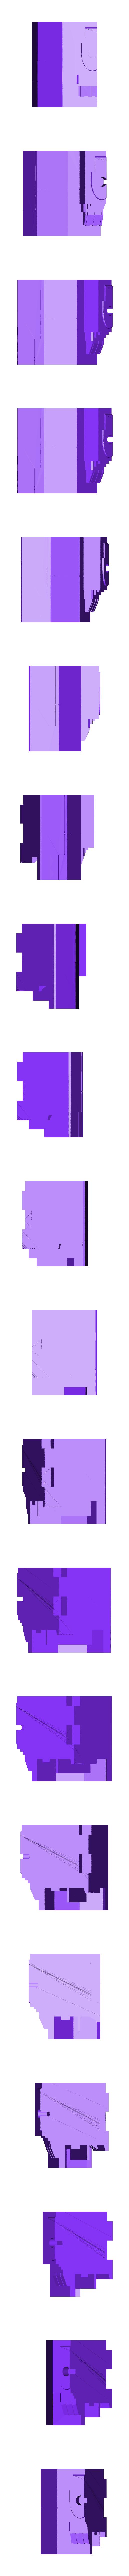 Rear_TopAA.stl Télécharger fichier STL gratuit Frégate Nebulon B (coupée et sectionnée) • Modèle pour impression 3D, Masterkookus